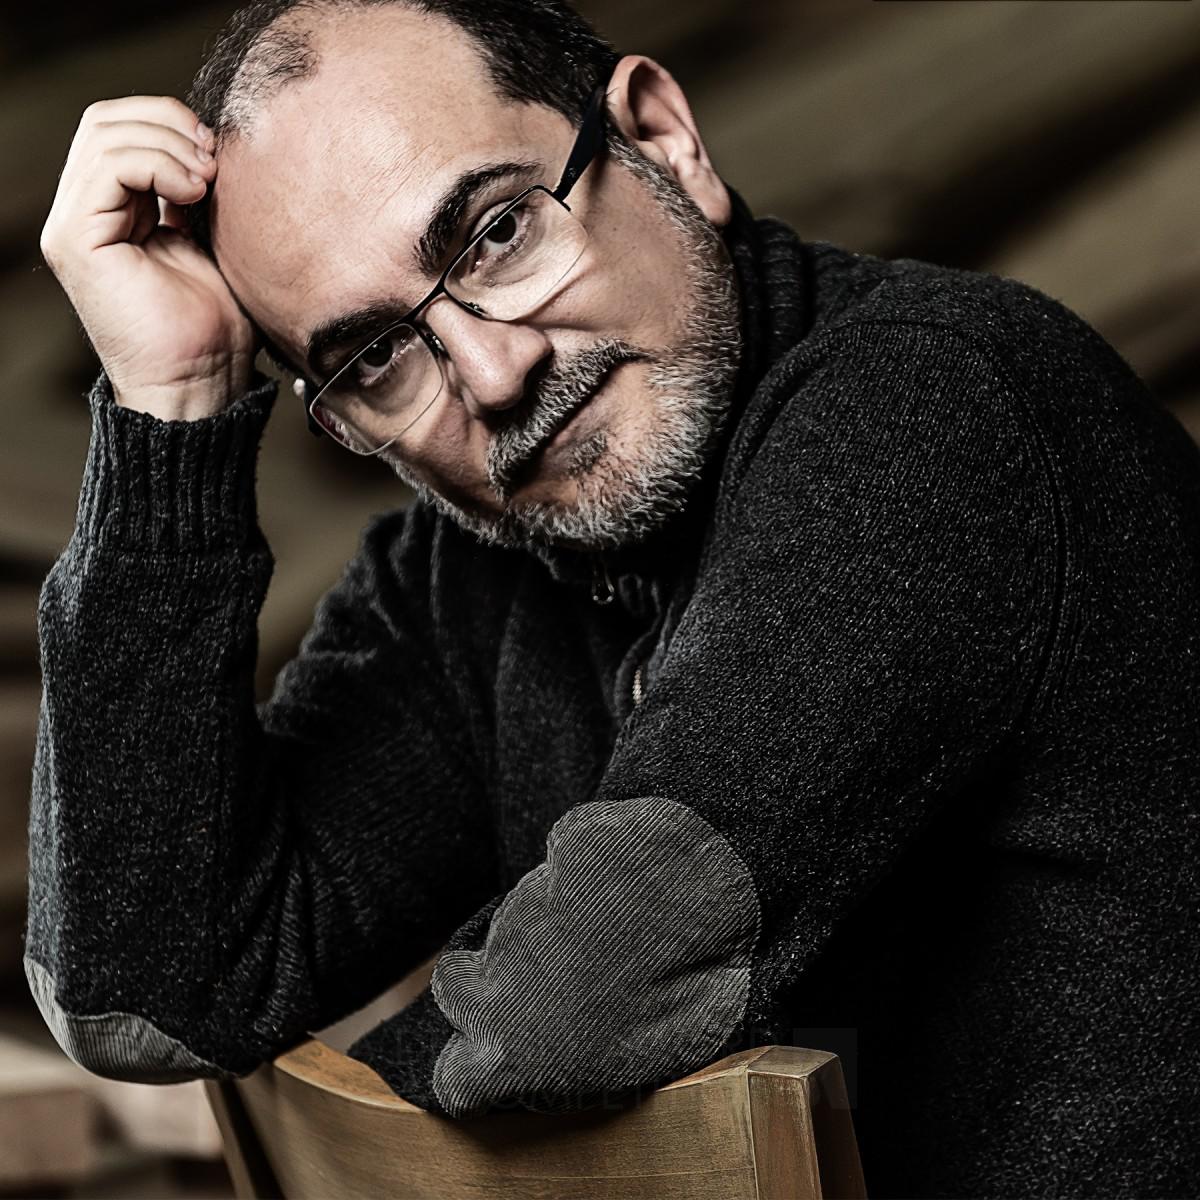 Gerardo Ríos Altamirano